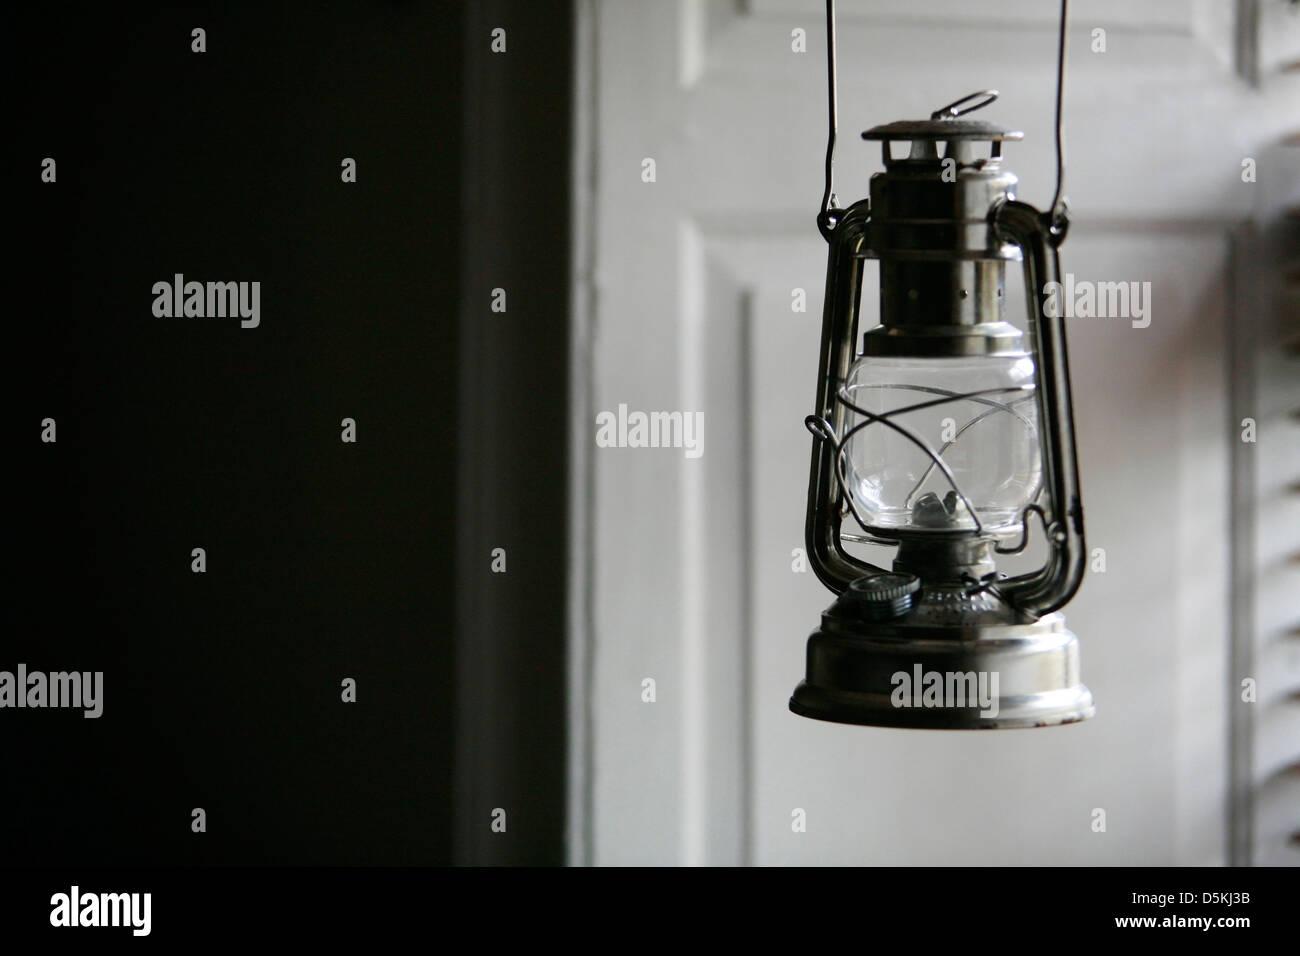 risalente lanterne cherosene costo medio per collegare alla fogna della città